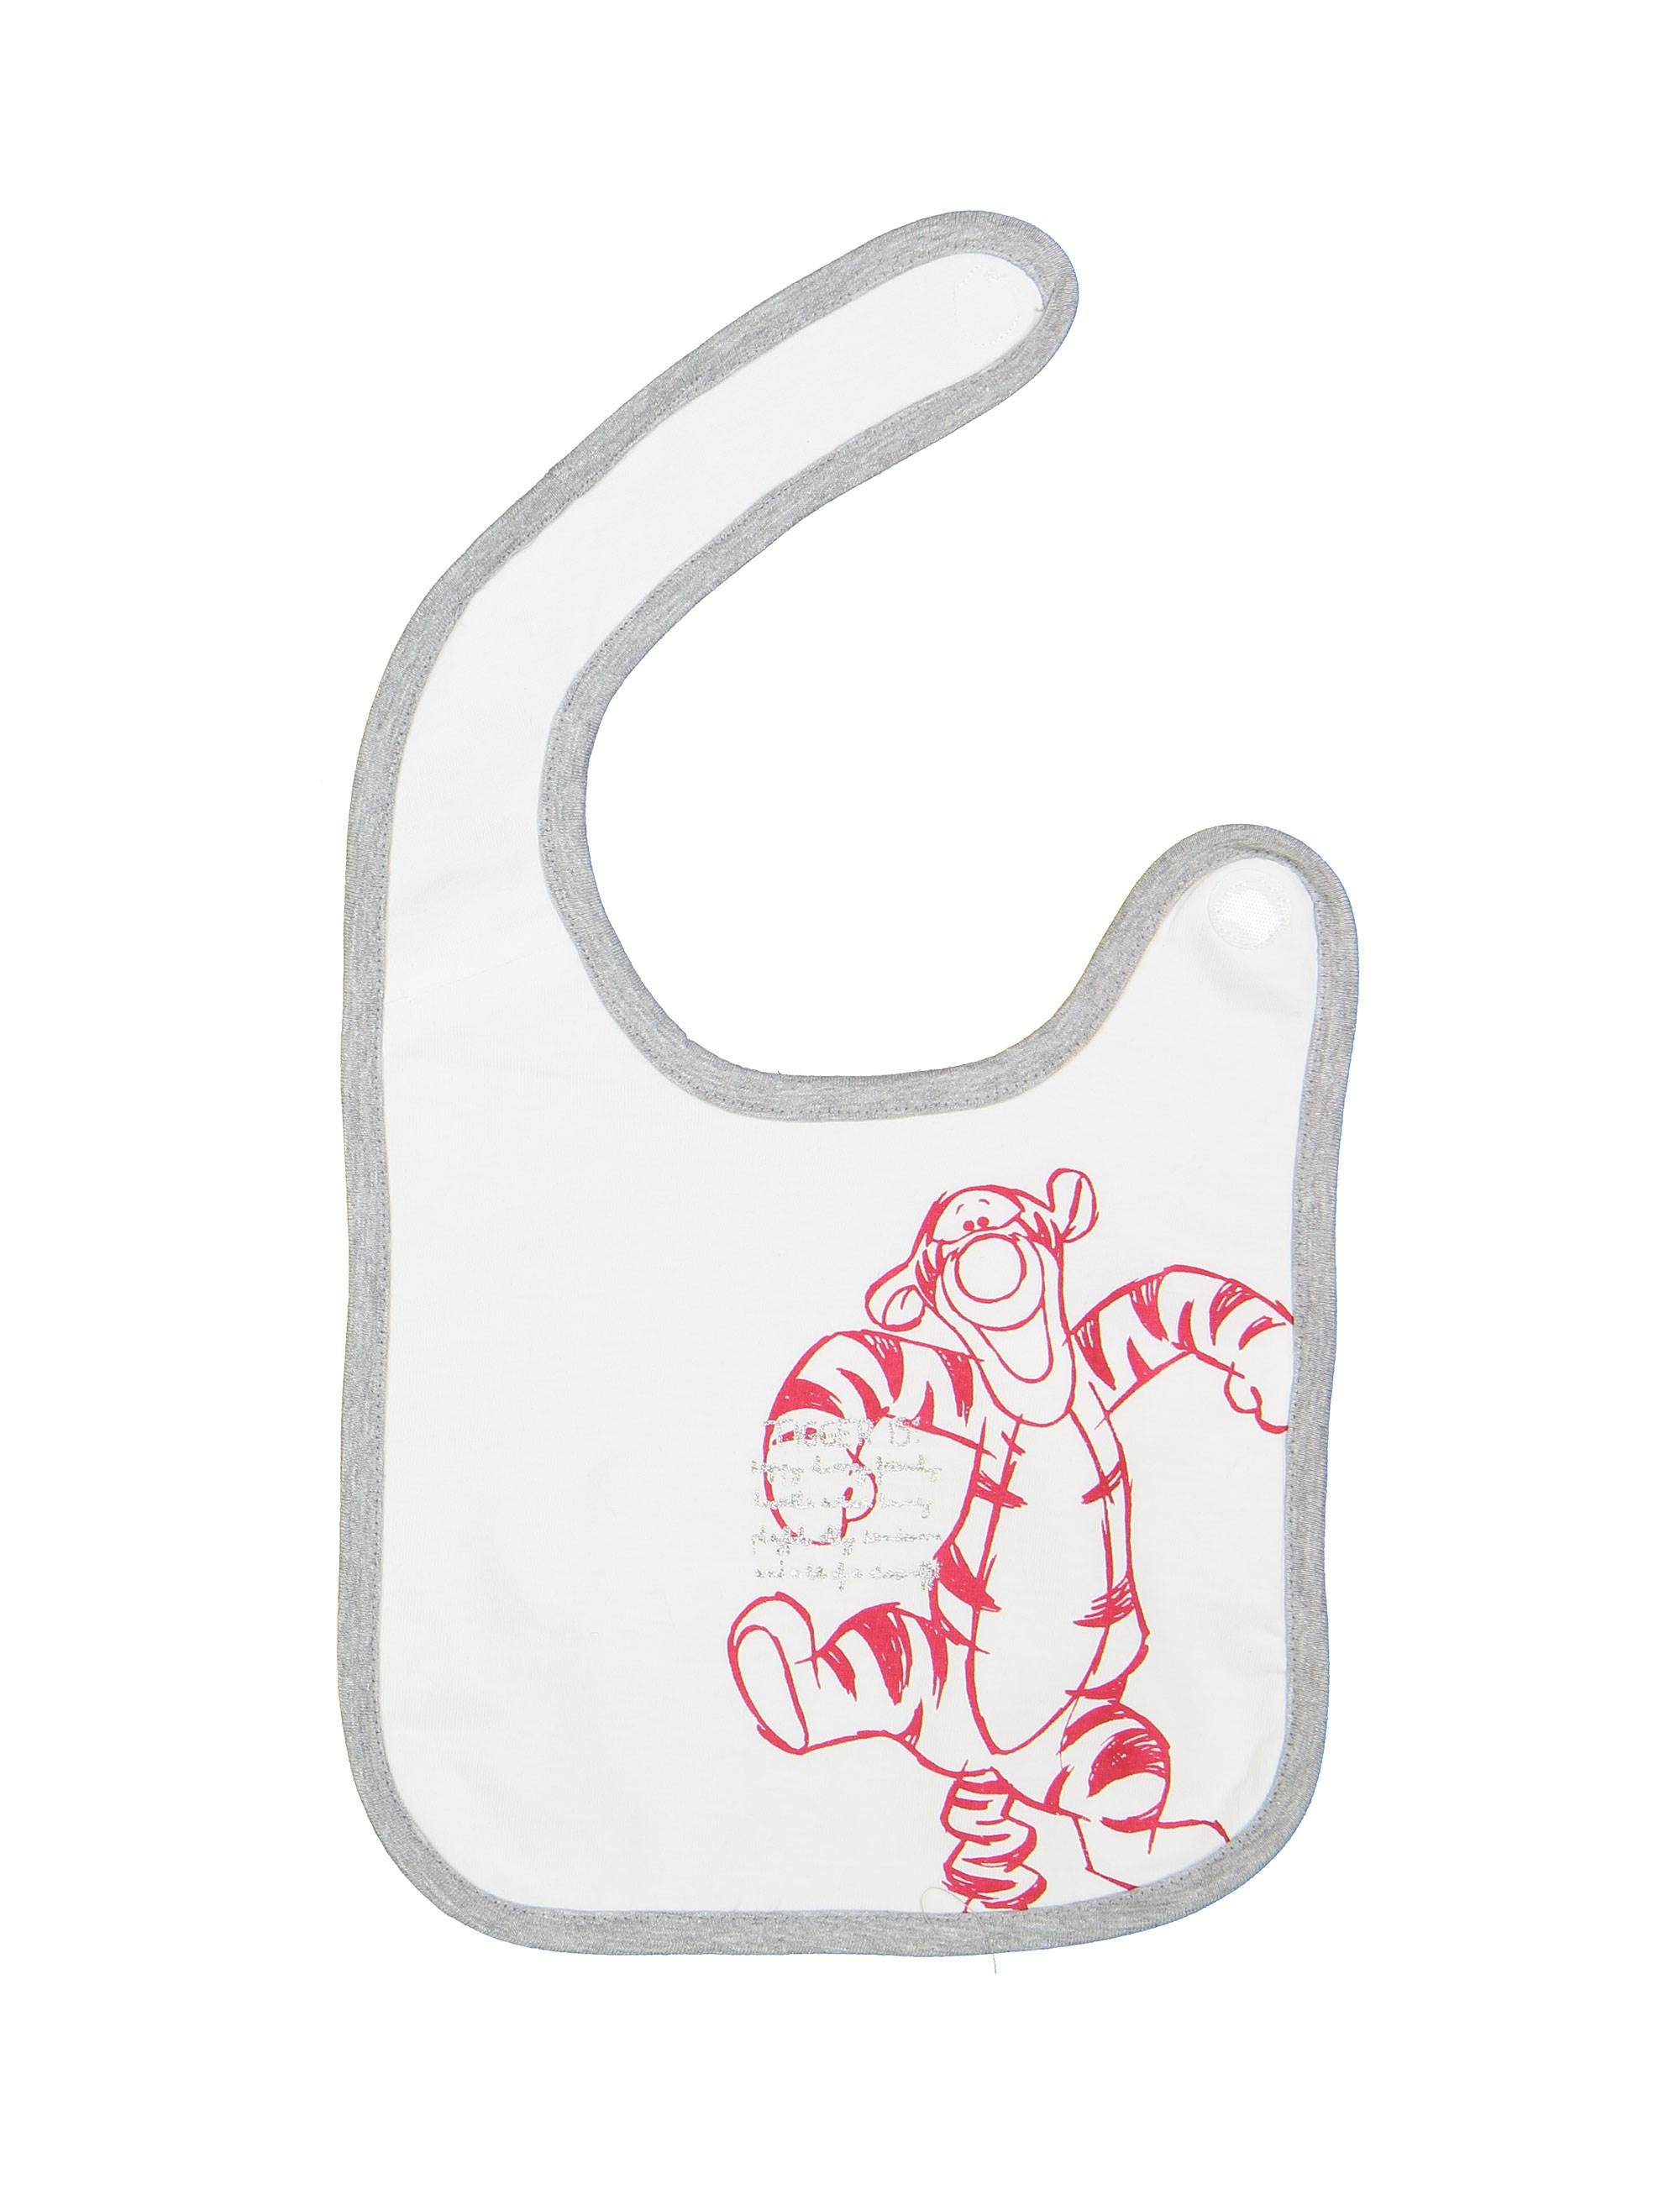 پیش بند نخی نوزادی بسته 2 عددی - طوسي و سفيد - 8